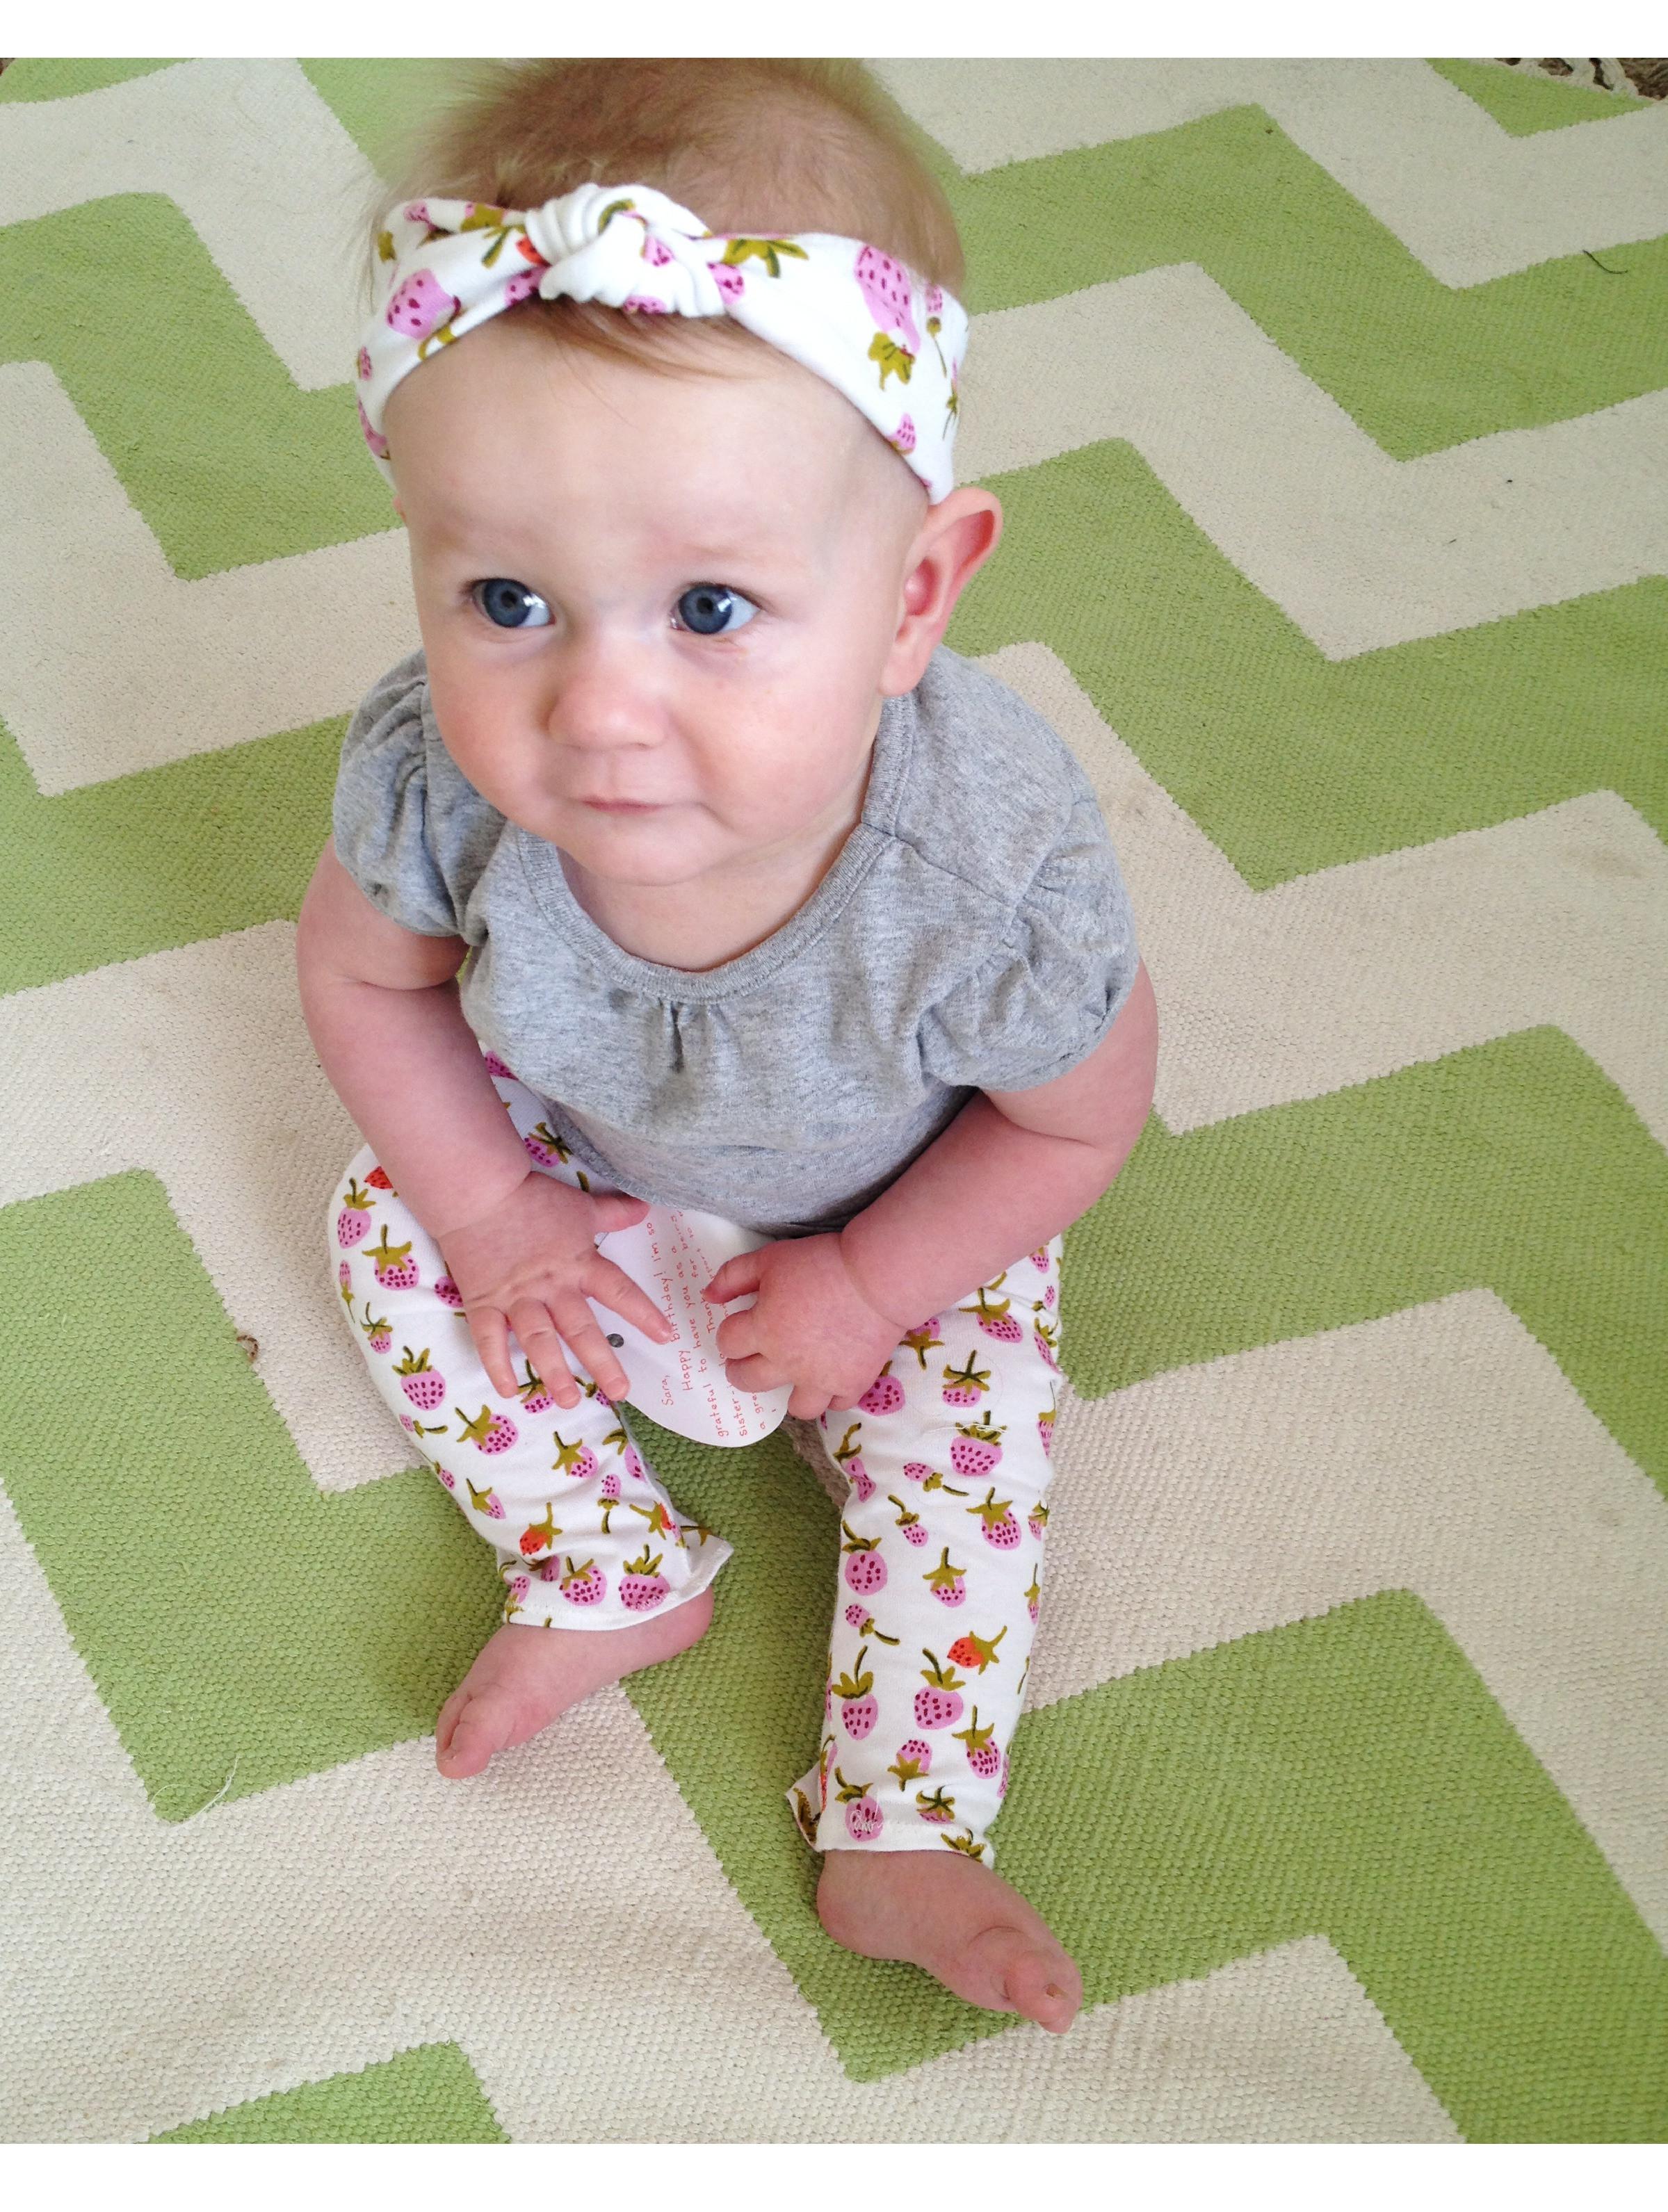 DIY Baby Turban Headband  Knotted Baby Turban Tutorial